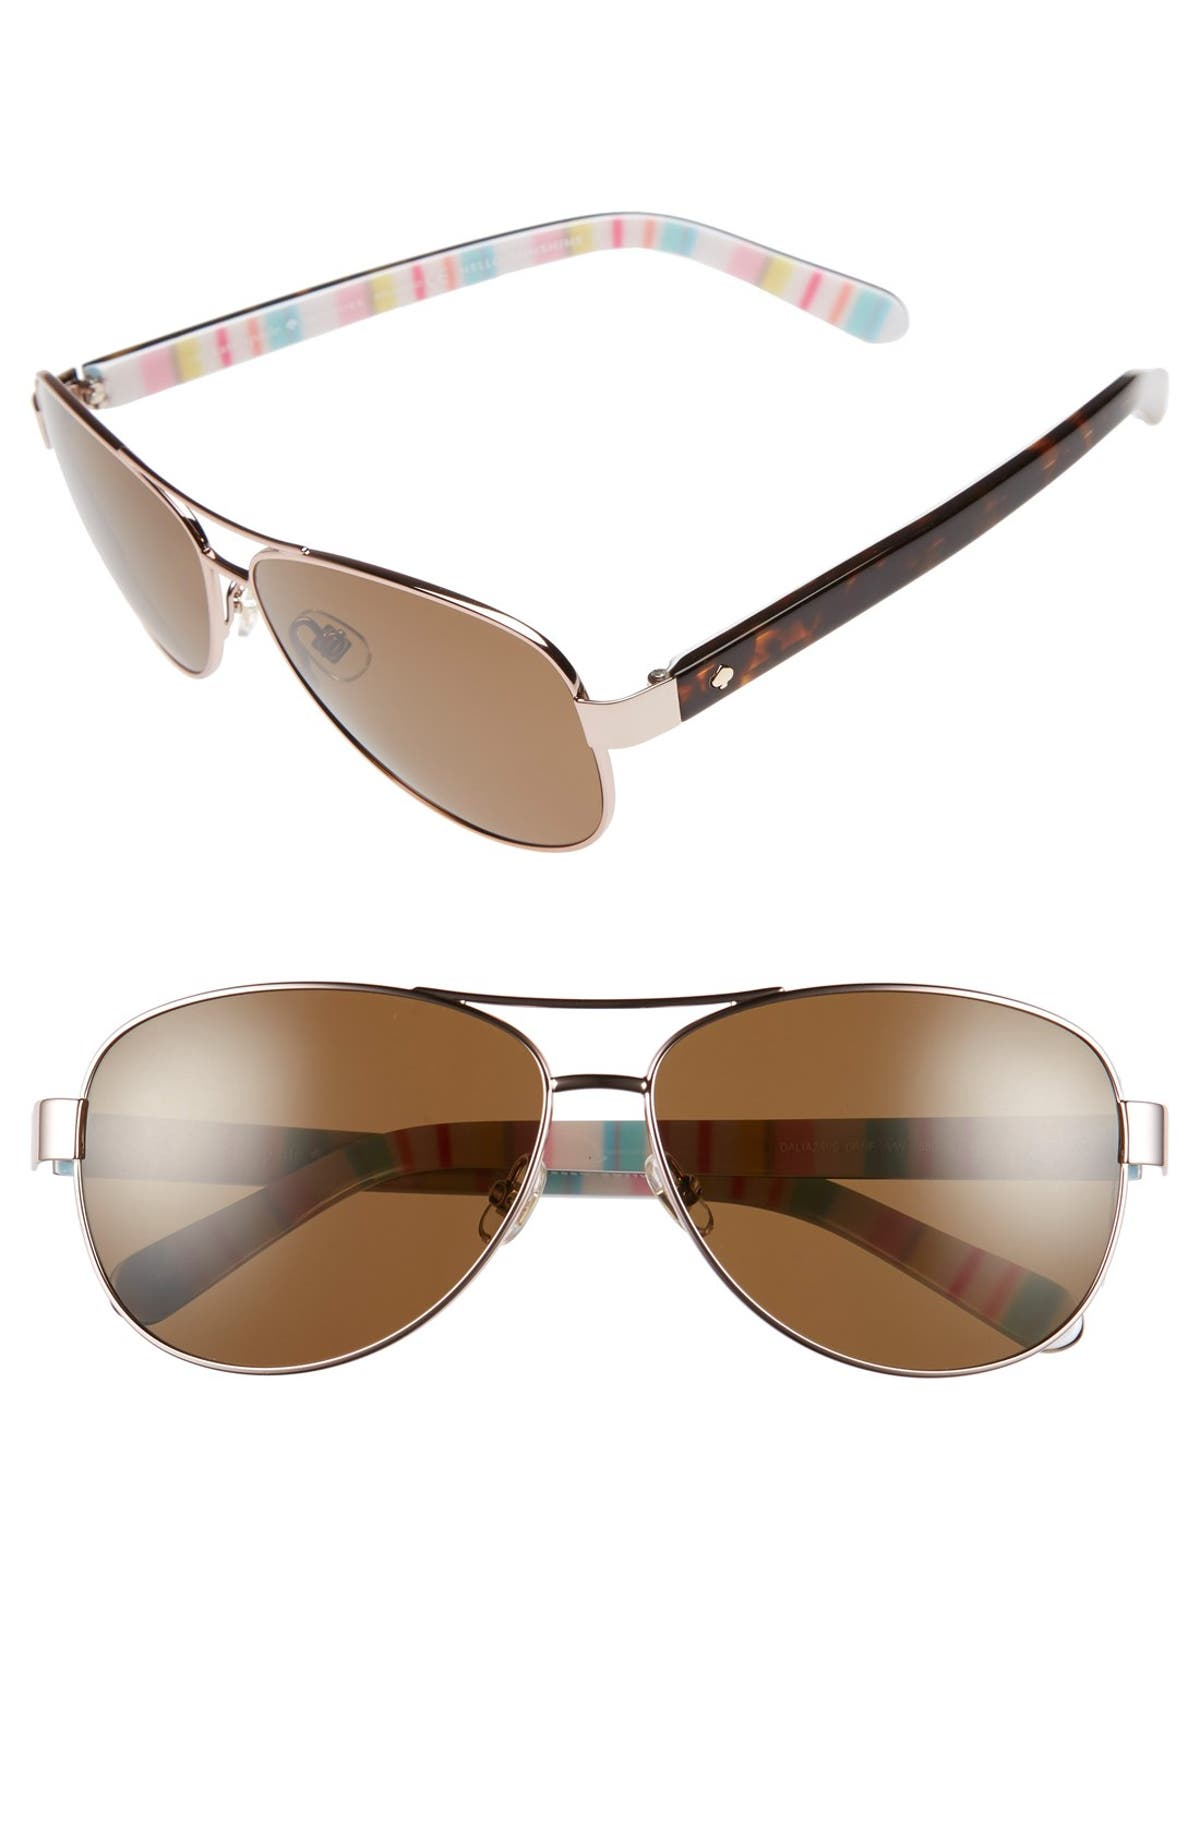 5e7fd2f494 kate spade new york  dalia  58mm polarized aviator sunglasses ...